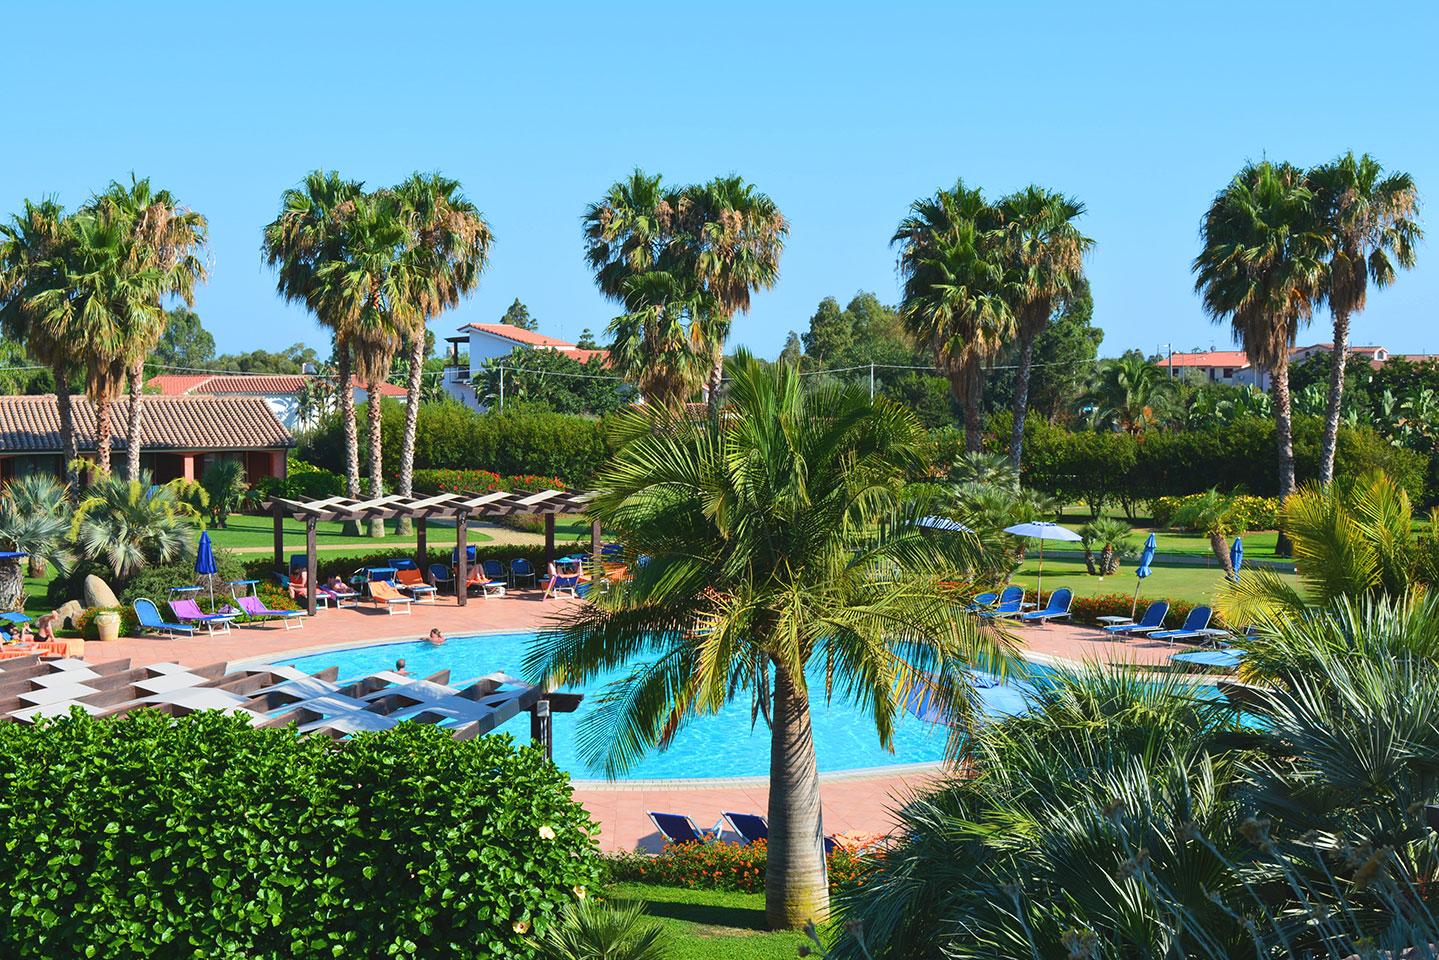 Lantana Hotel - Pula - Sardinia, Italy - Sardegna.com